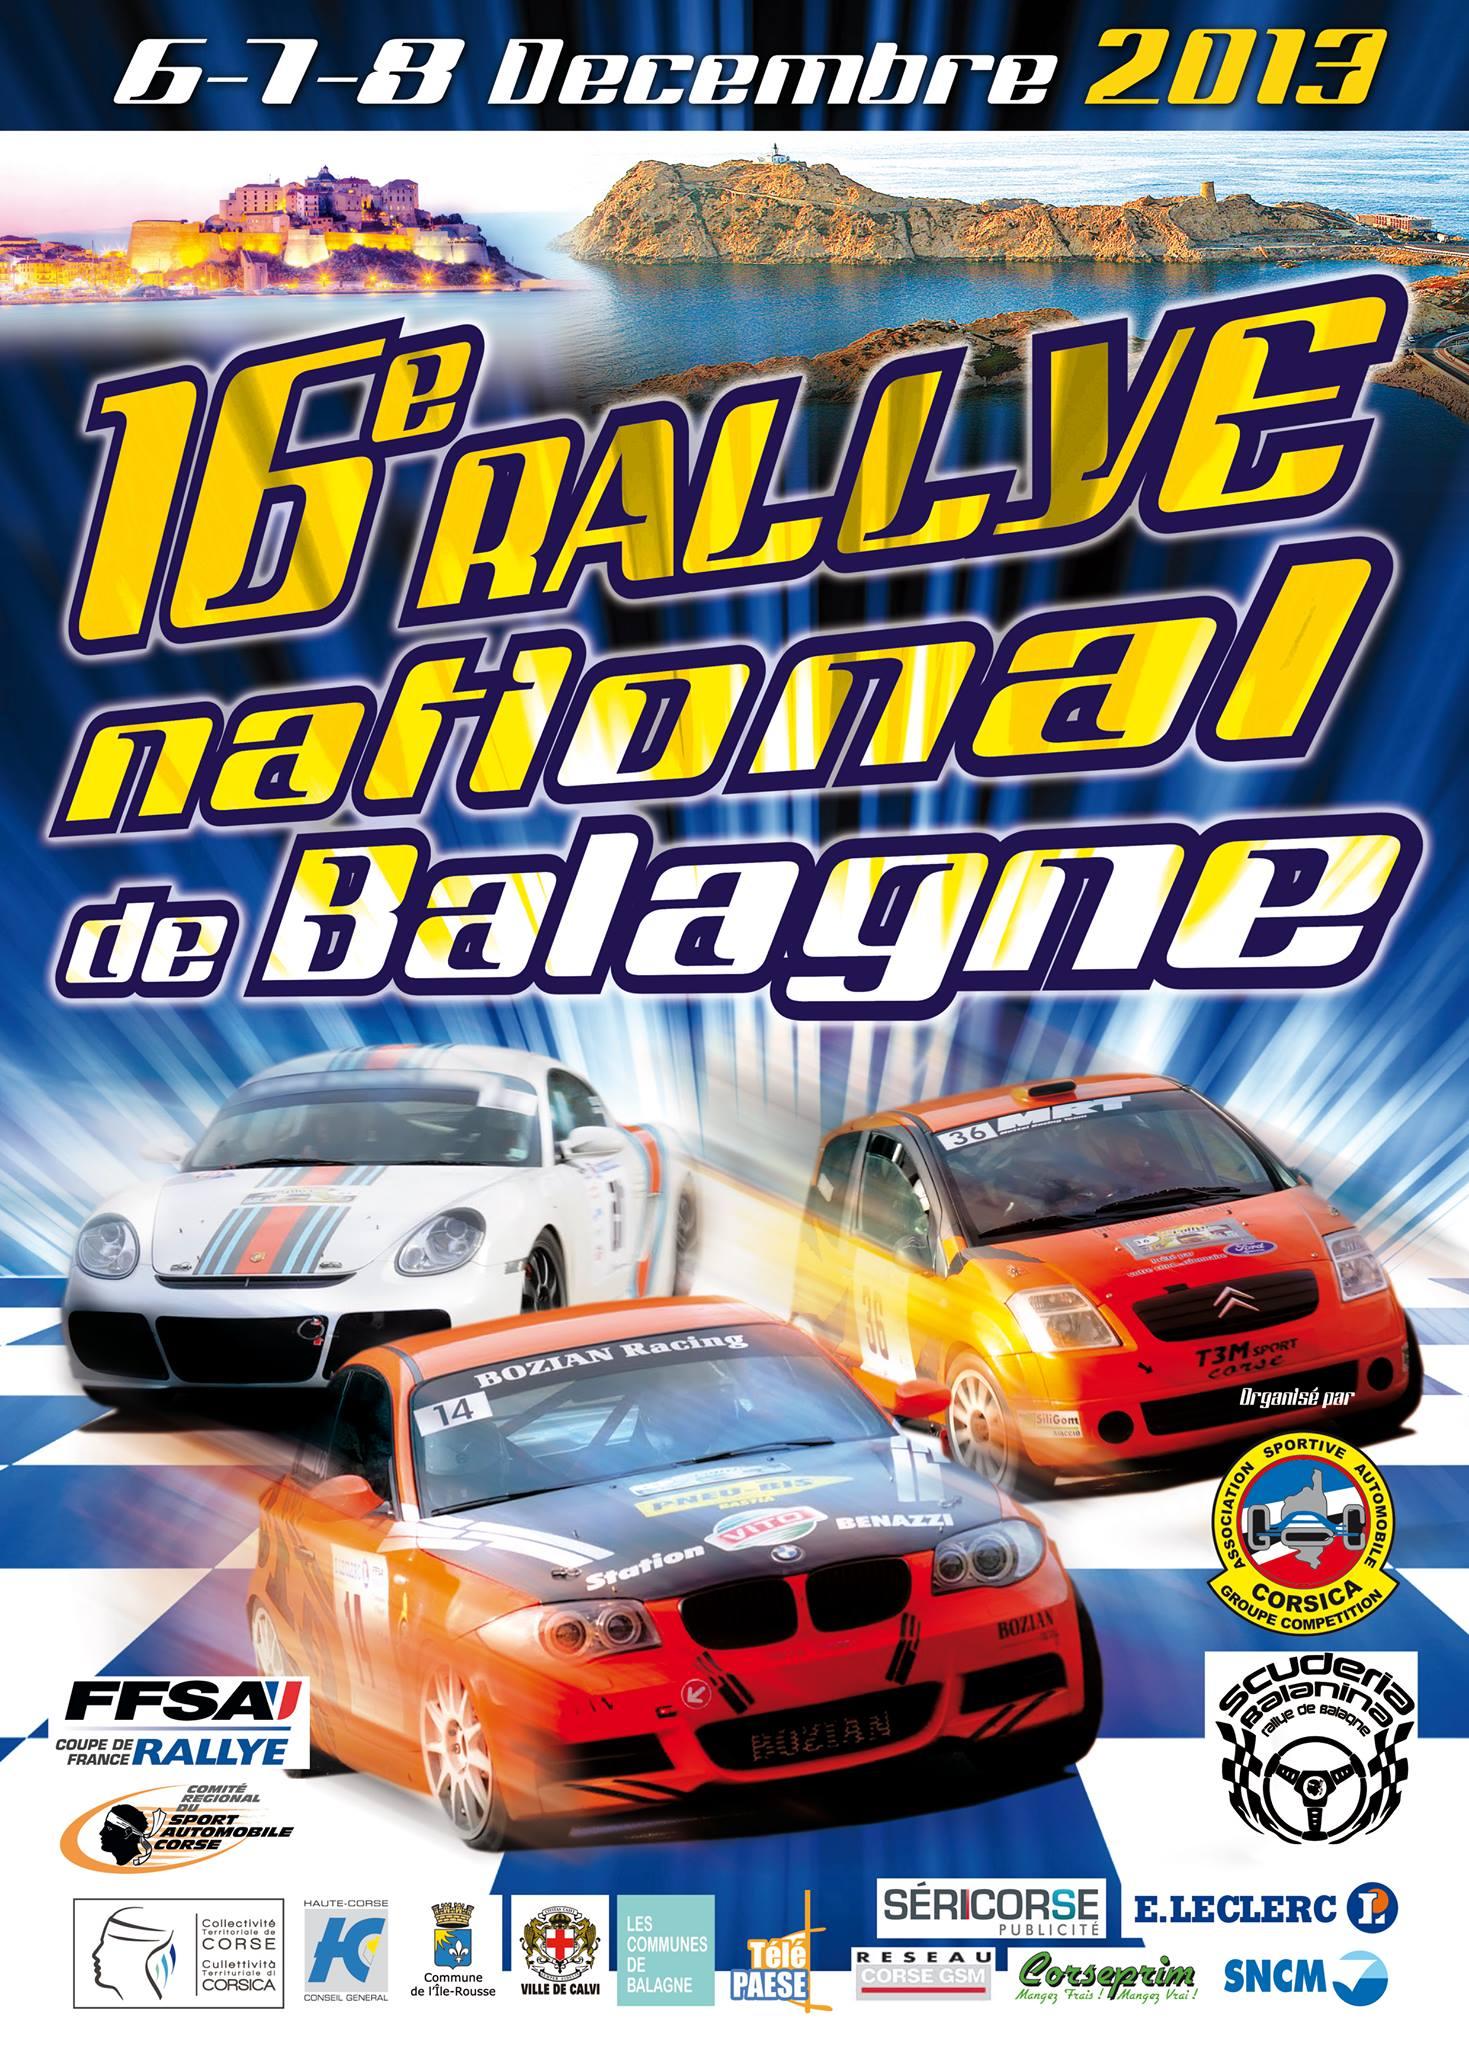 Programme-Rallye-Balagne-2013